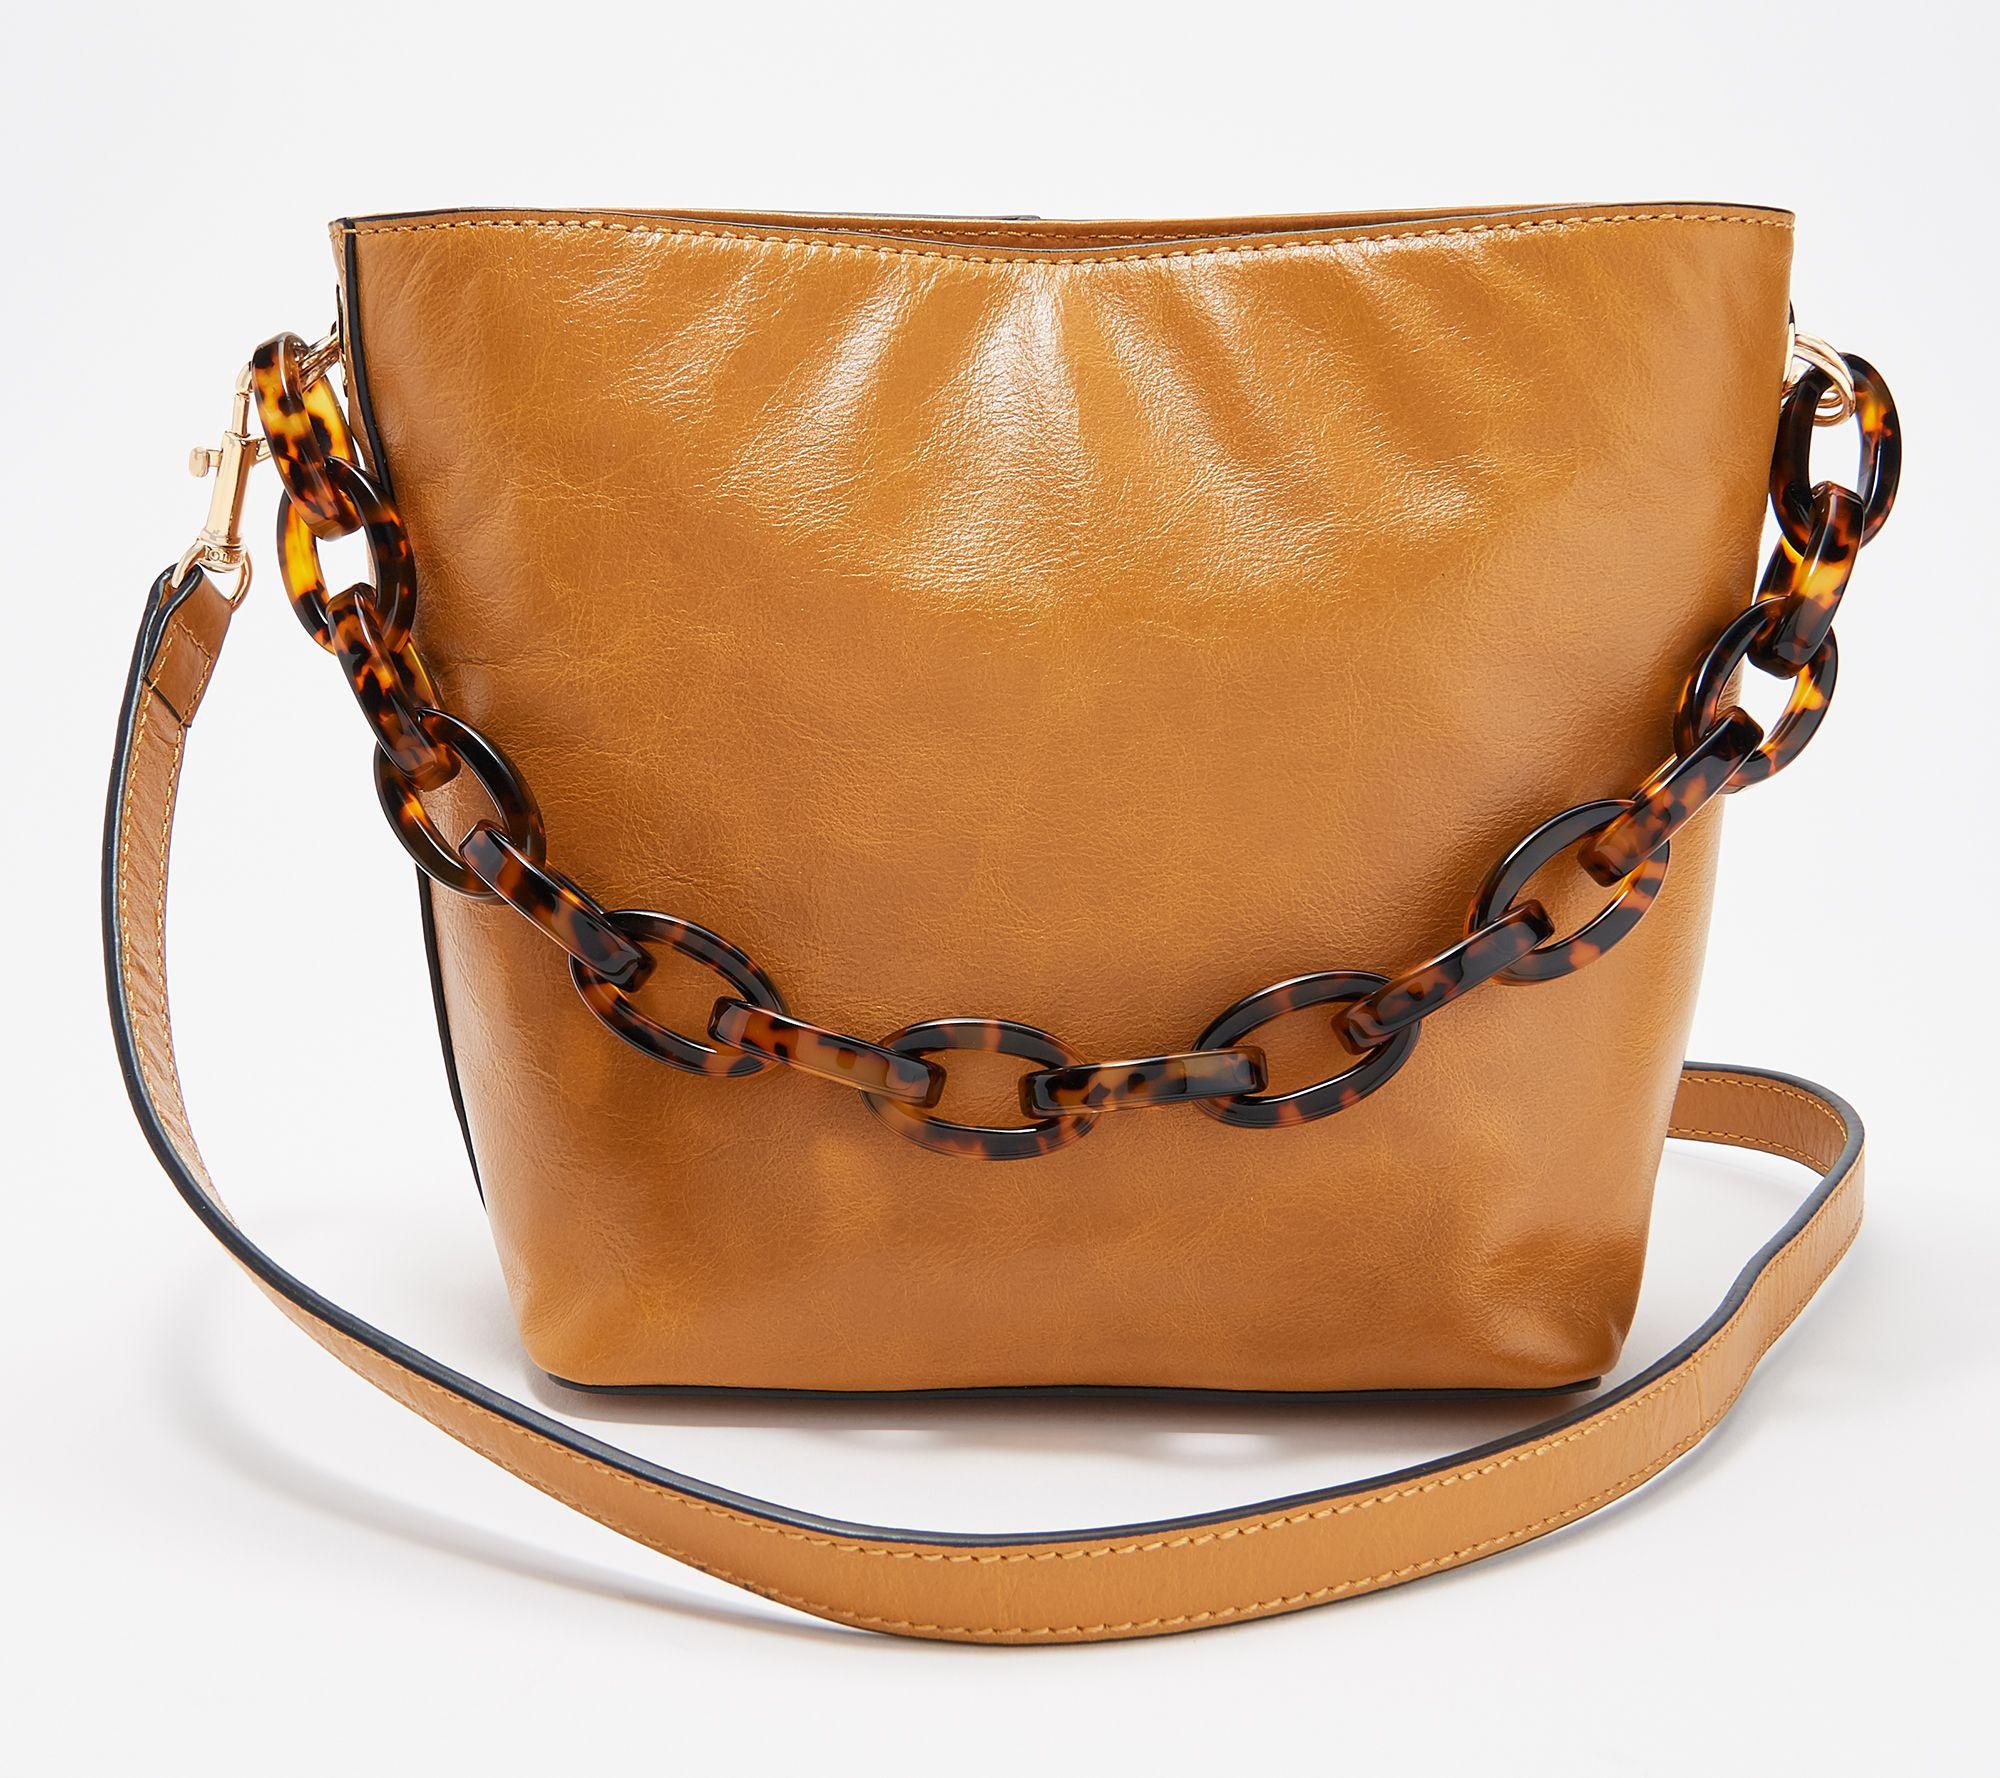 Ivy Black and Gold Tote Bag,Egg Bag